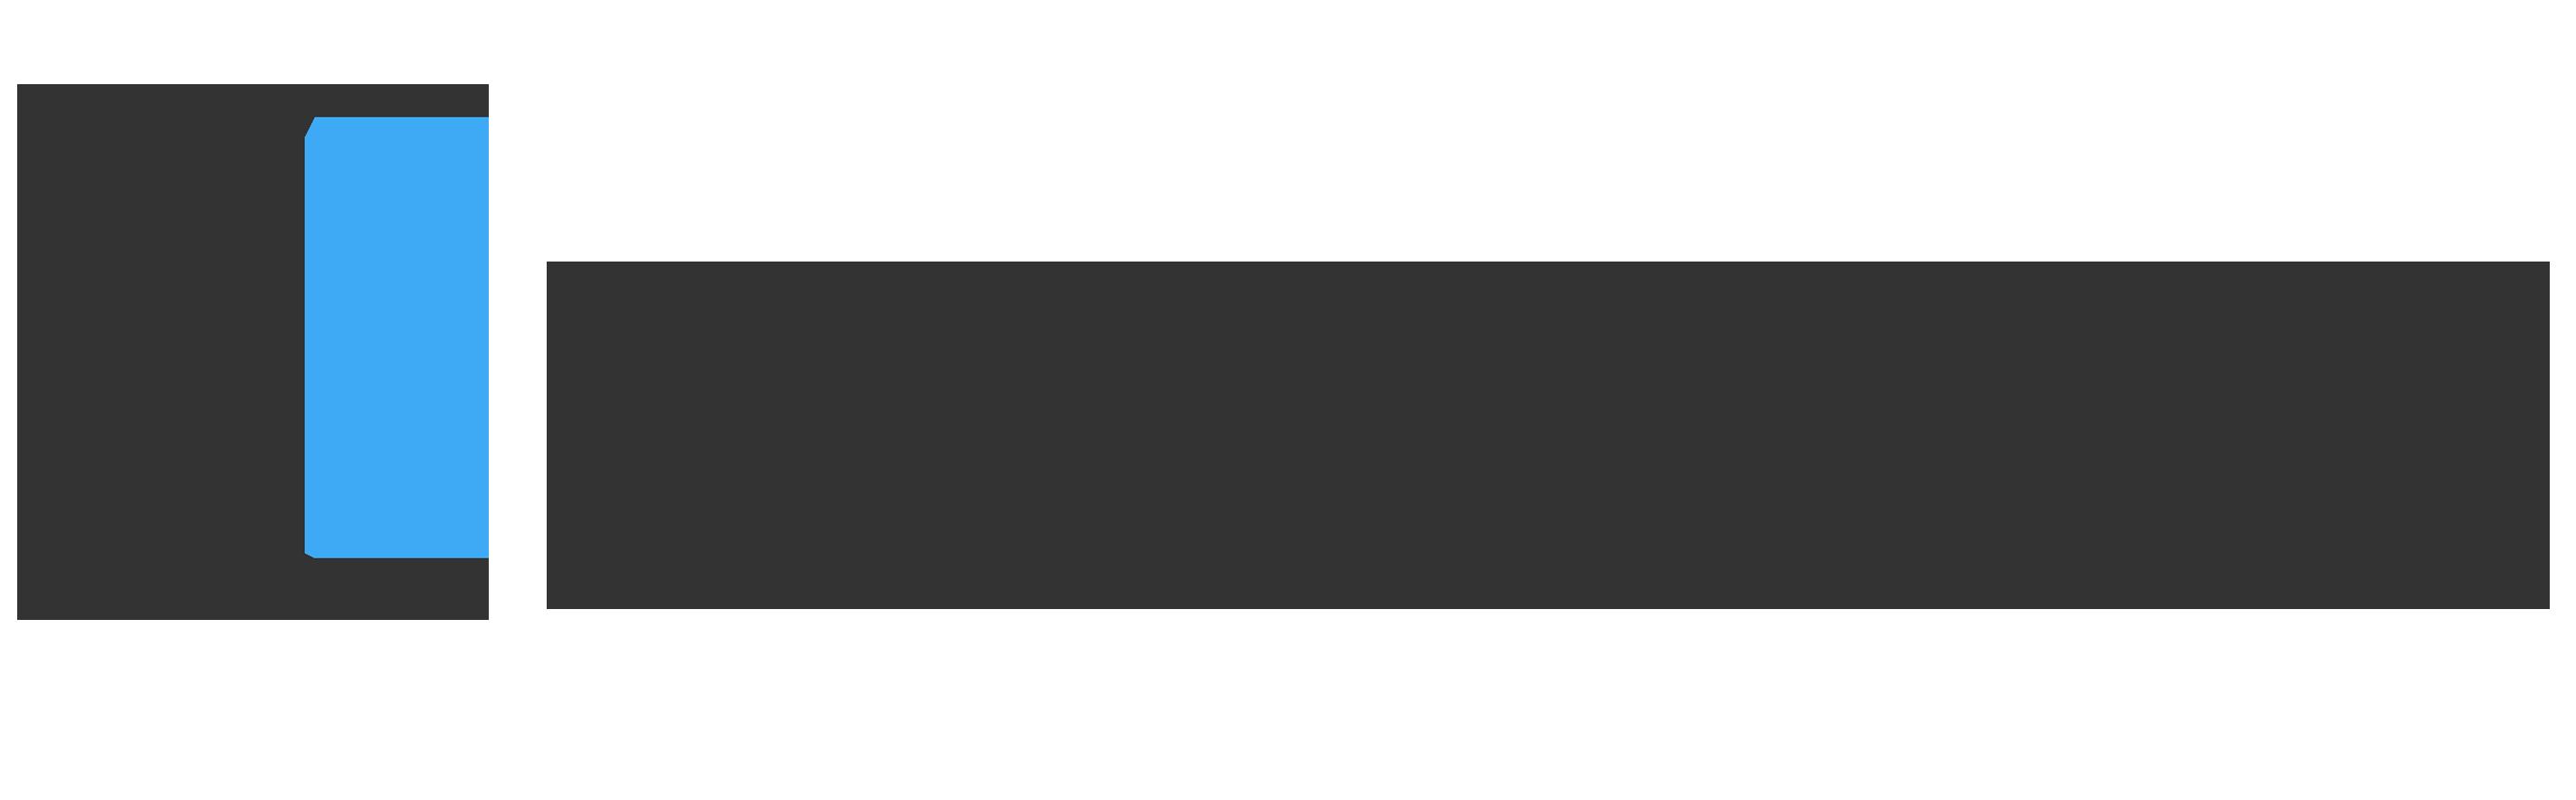 ServerSail